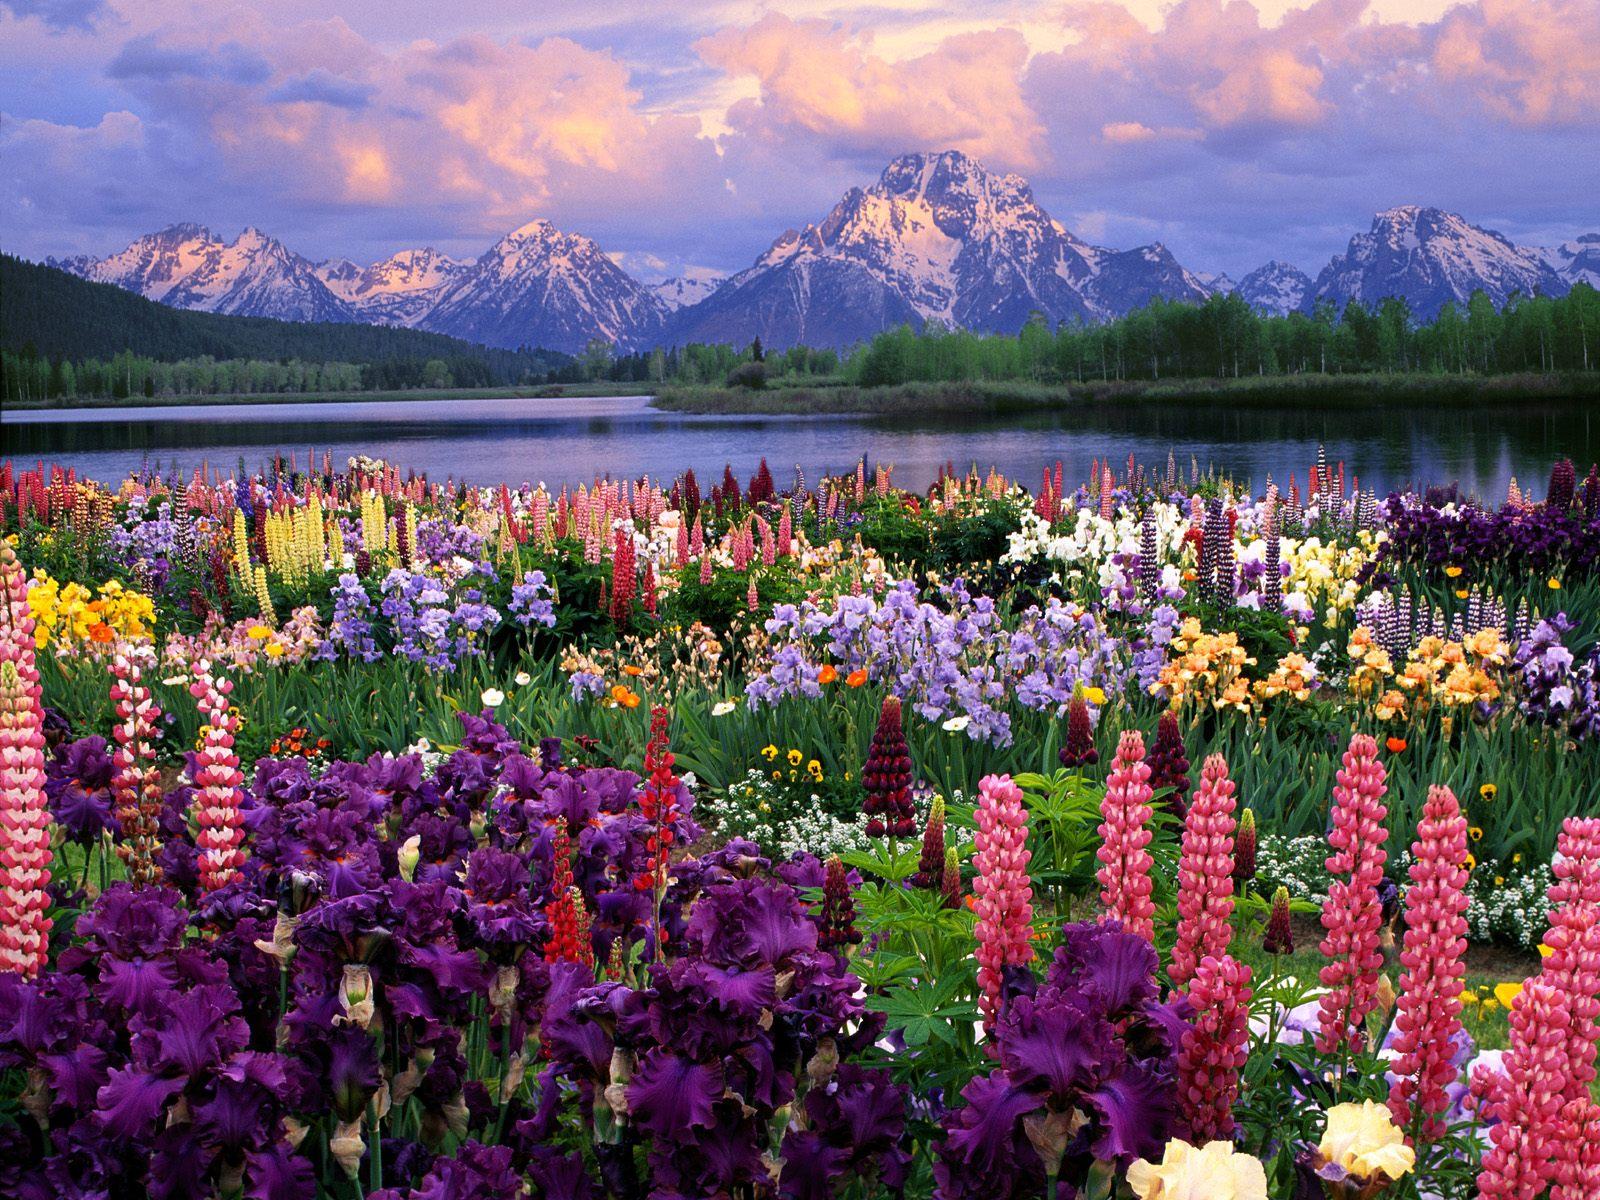 http://4.bp.blogspot.com/-H6pn6vZ0XRA/UDgivMqnnWI/AAAAAAAAASs/gCTc2yHz6Lk/s1600/Bo-anh-canh-dong-hoa-lam-nen-blog-dep-3.jpg